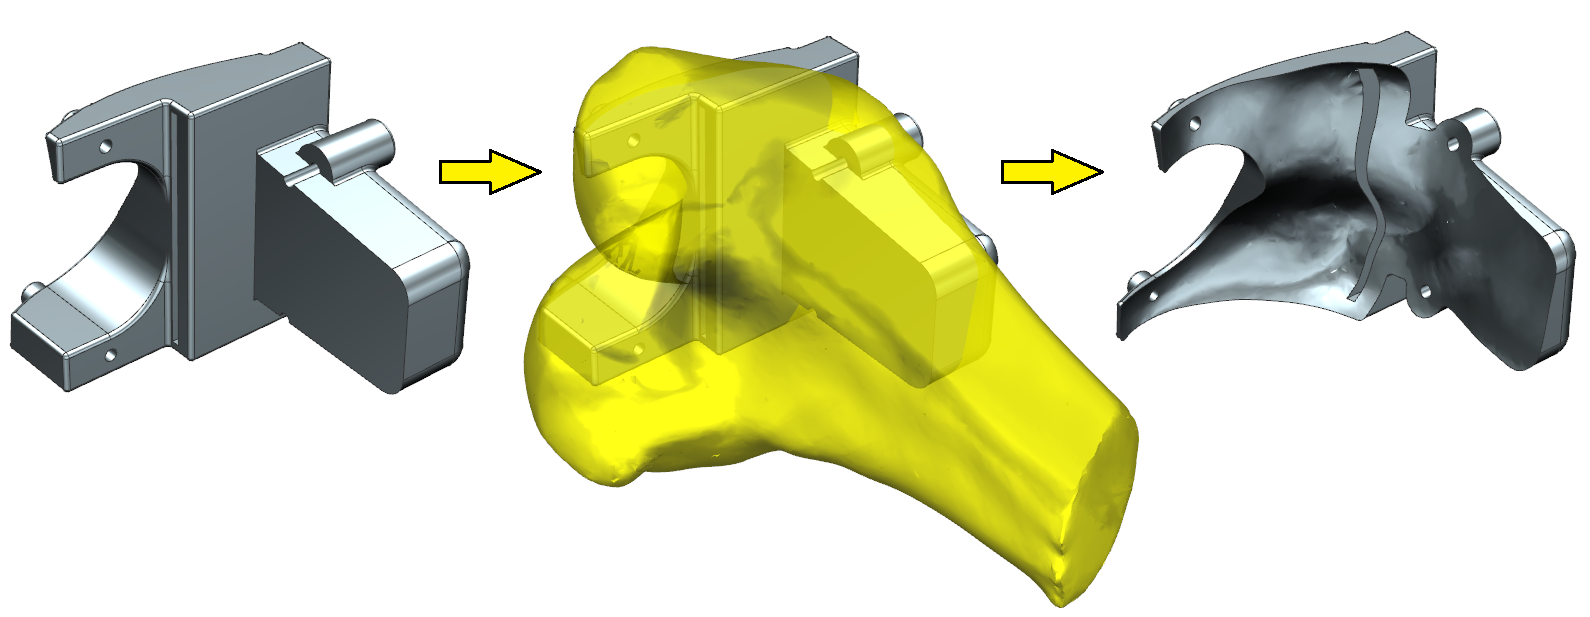 Rys. 2. Wykorzystanie zeskanowanej geometrii kości wprocesie modelowania wstawki